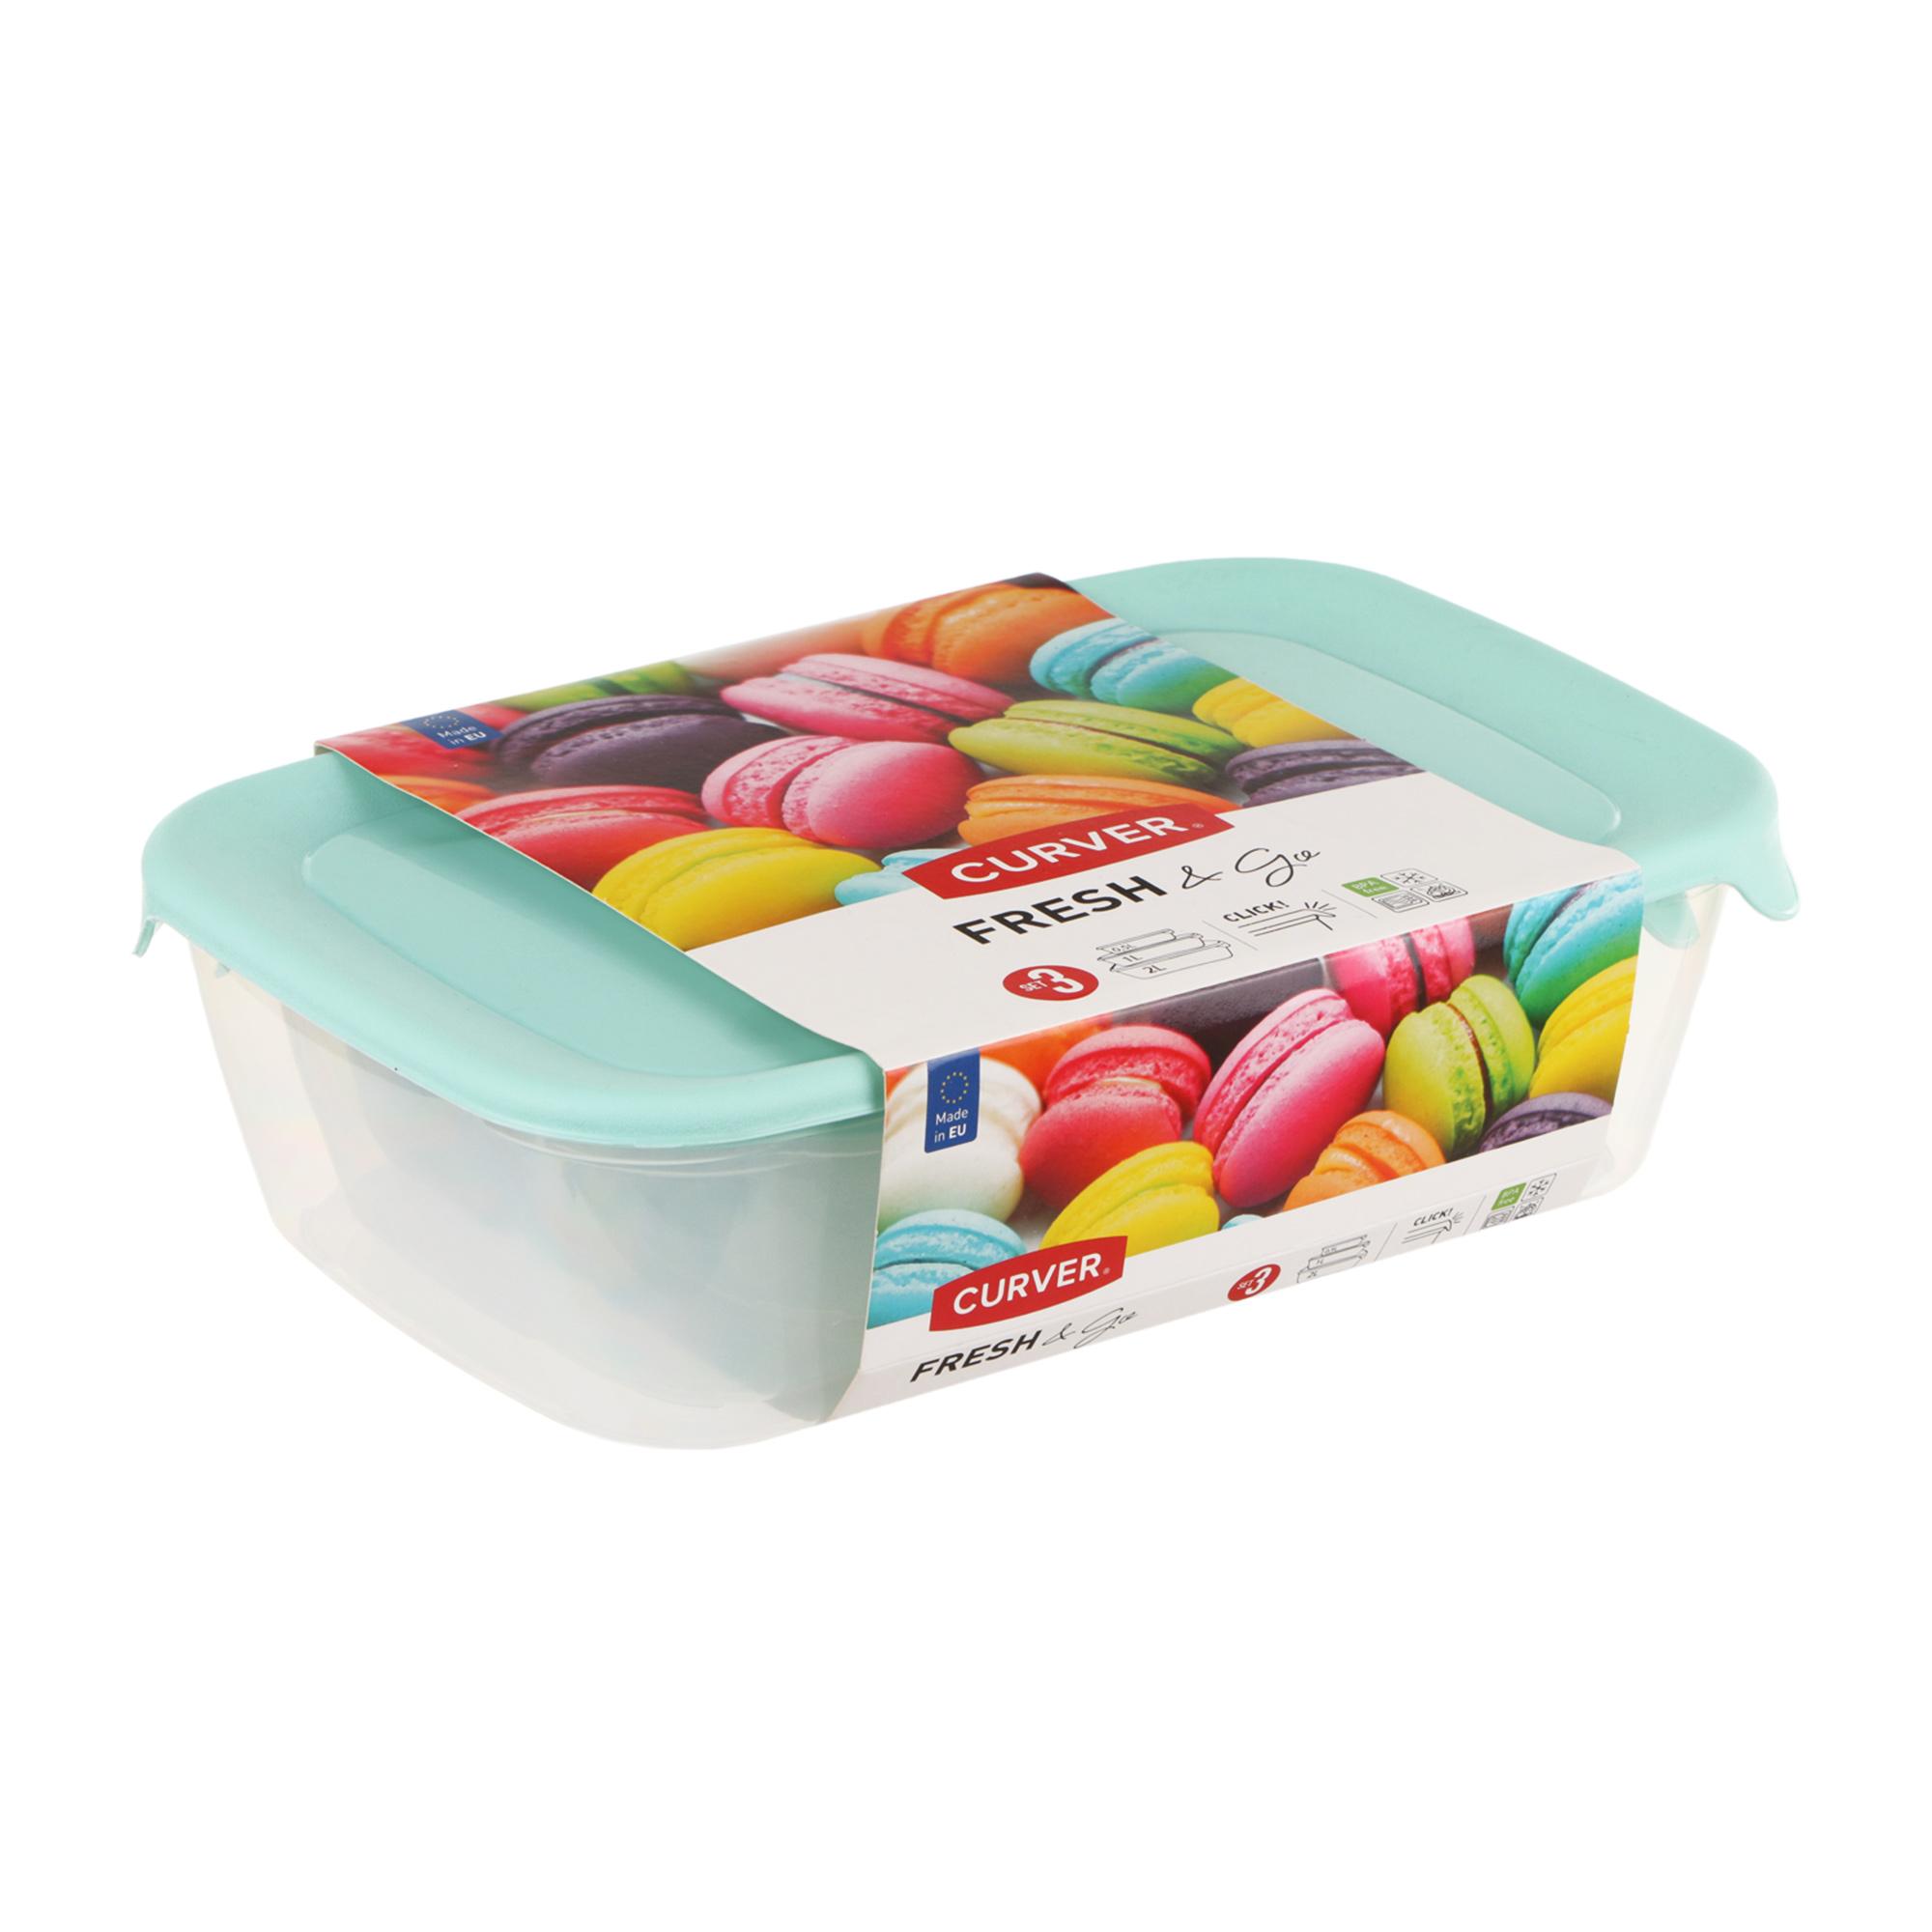 Фото - Набор контейнеров Curver Fresh&Go 3 шт 0,5/1/2 л аквабрайт вп 20 м л 1 шт